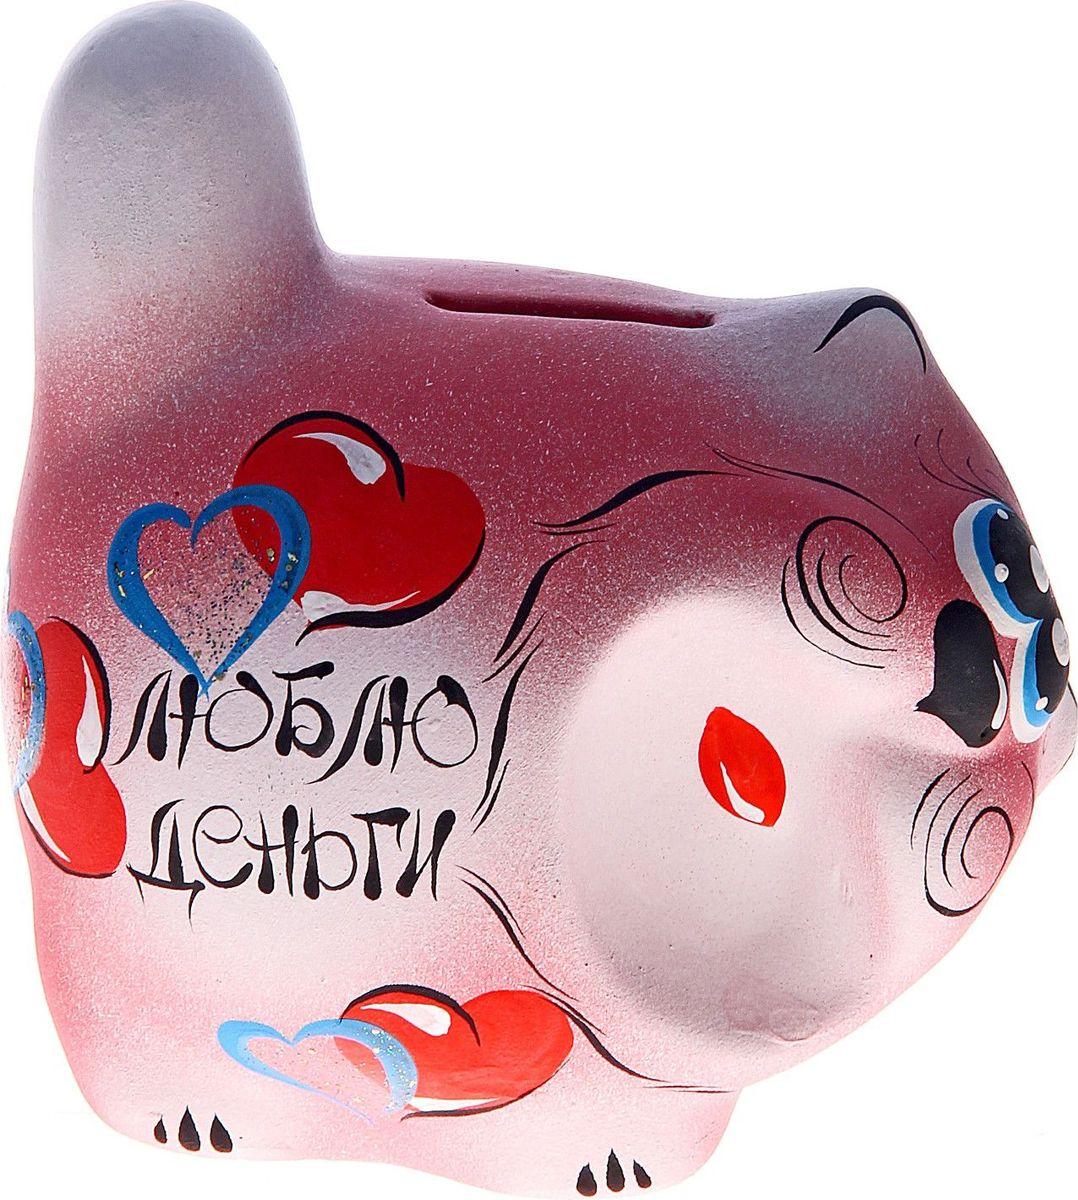 Копилка Кот: люблю деньги, 12 х 10 х 12 см772106Копилка — универсальный вариант подарка любому человеку, ведь каждый из нас мечтает о какой-то дорогостоящей вещи и откладывает или собирается откладывать деньги на её приобретение. Вместительная копилка станет прекрасным хранителем сбережений и украшением интерьера. Она выглядит так ярко и эффектно, что проходя мимо, обязательно захочется забросить пару монет.